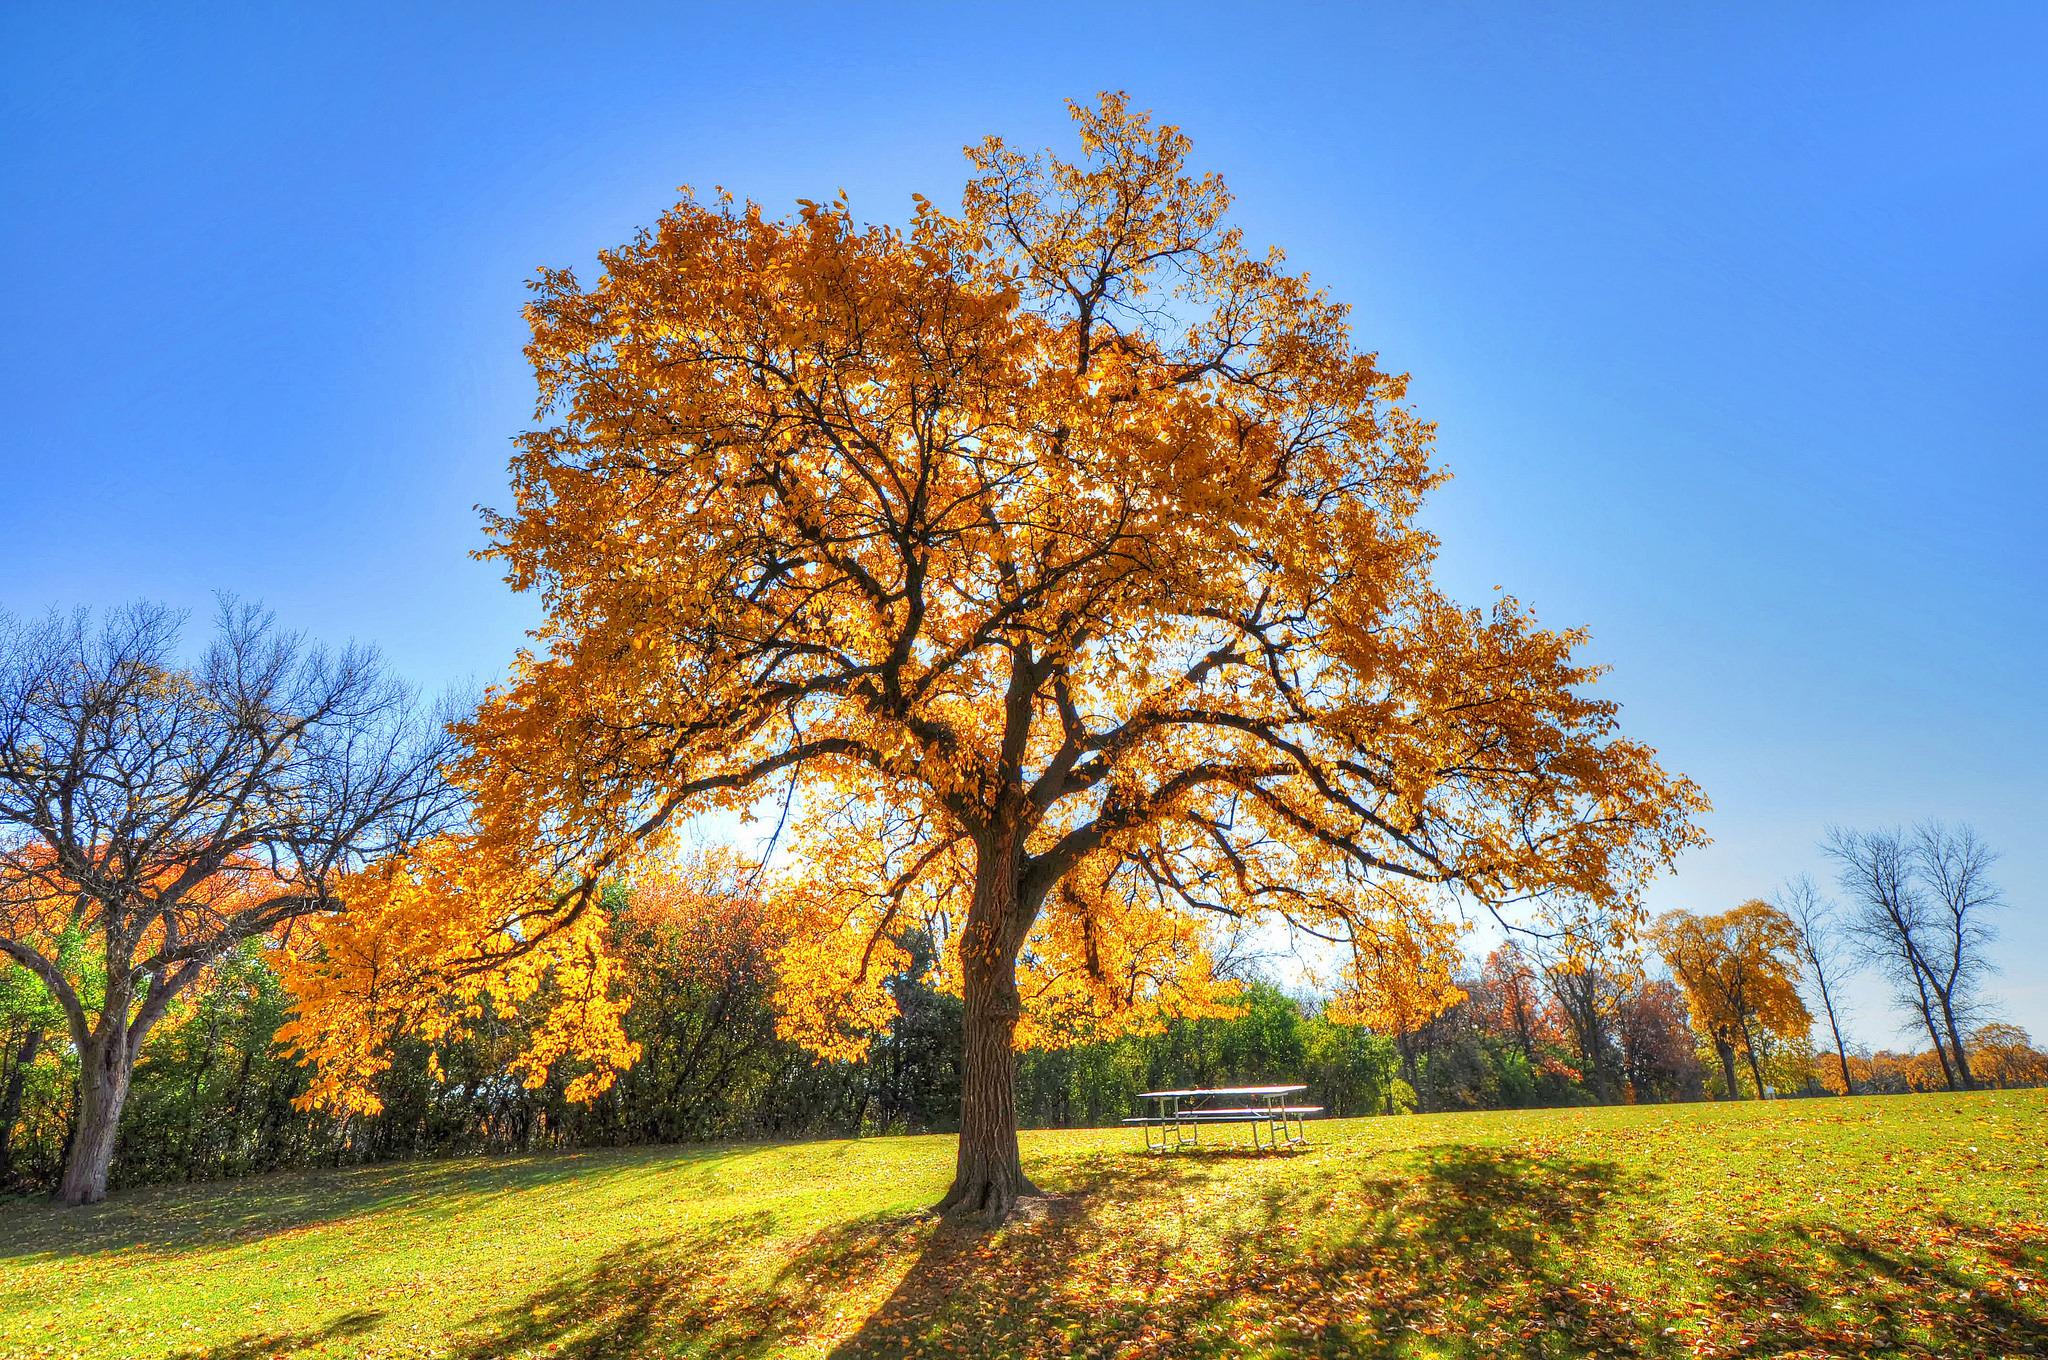 153459 Заставки и Обои Осень на телефон. Скачать Осень, Природа, Деревья, Трава, Тень картинки бесплатно